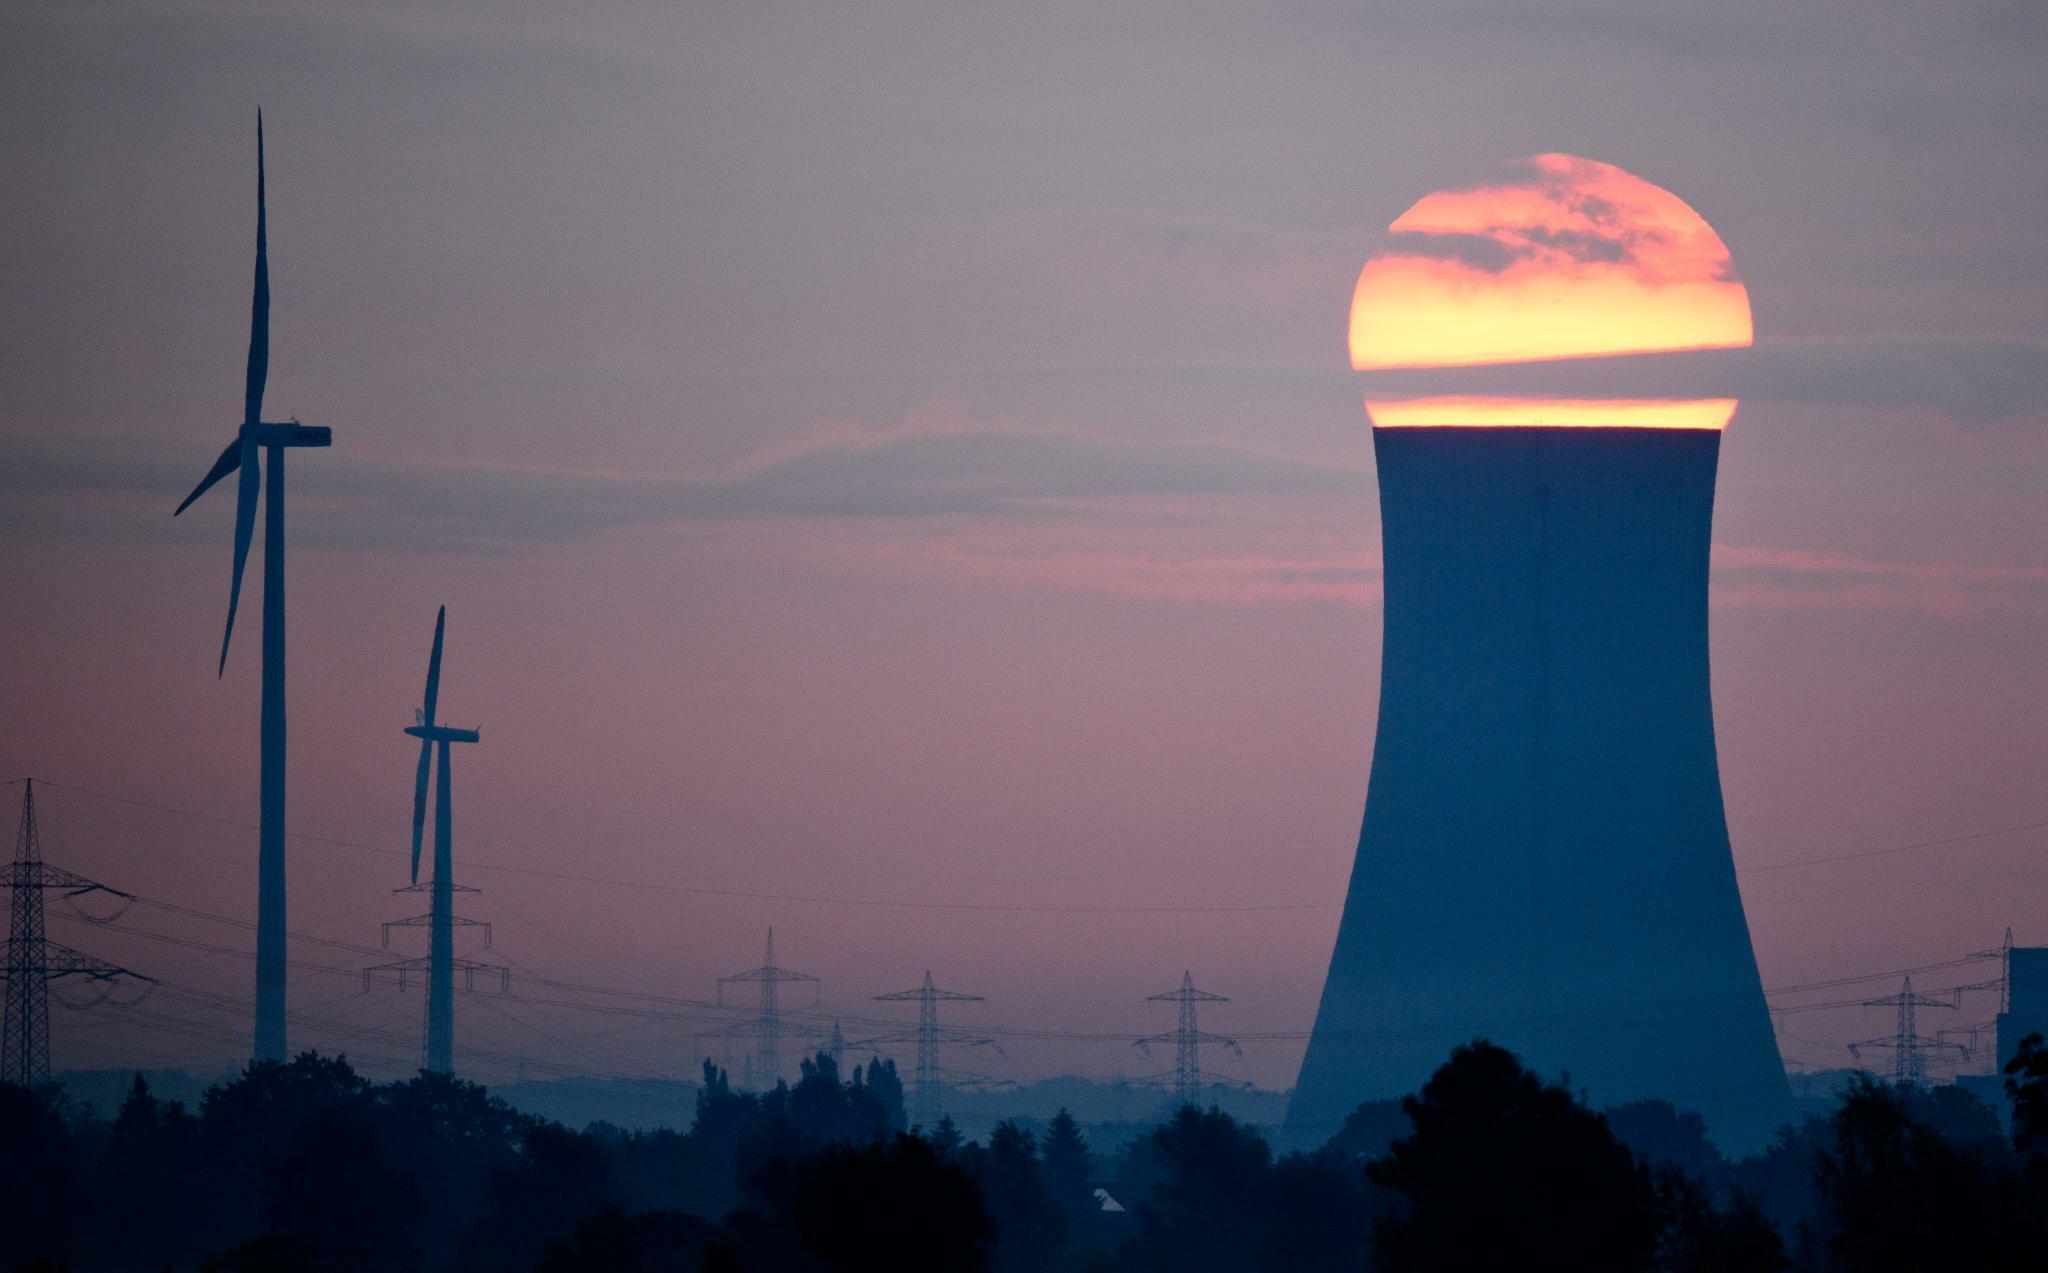 Gewerkschaften fordern Garantien beim Kohleausstieg